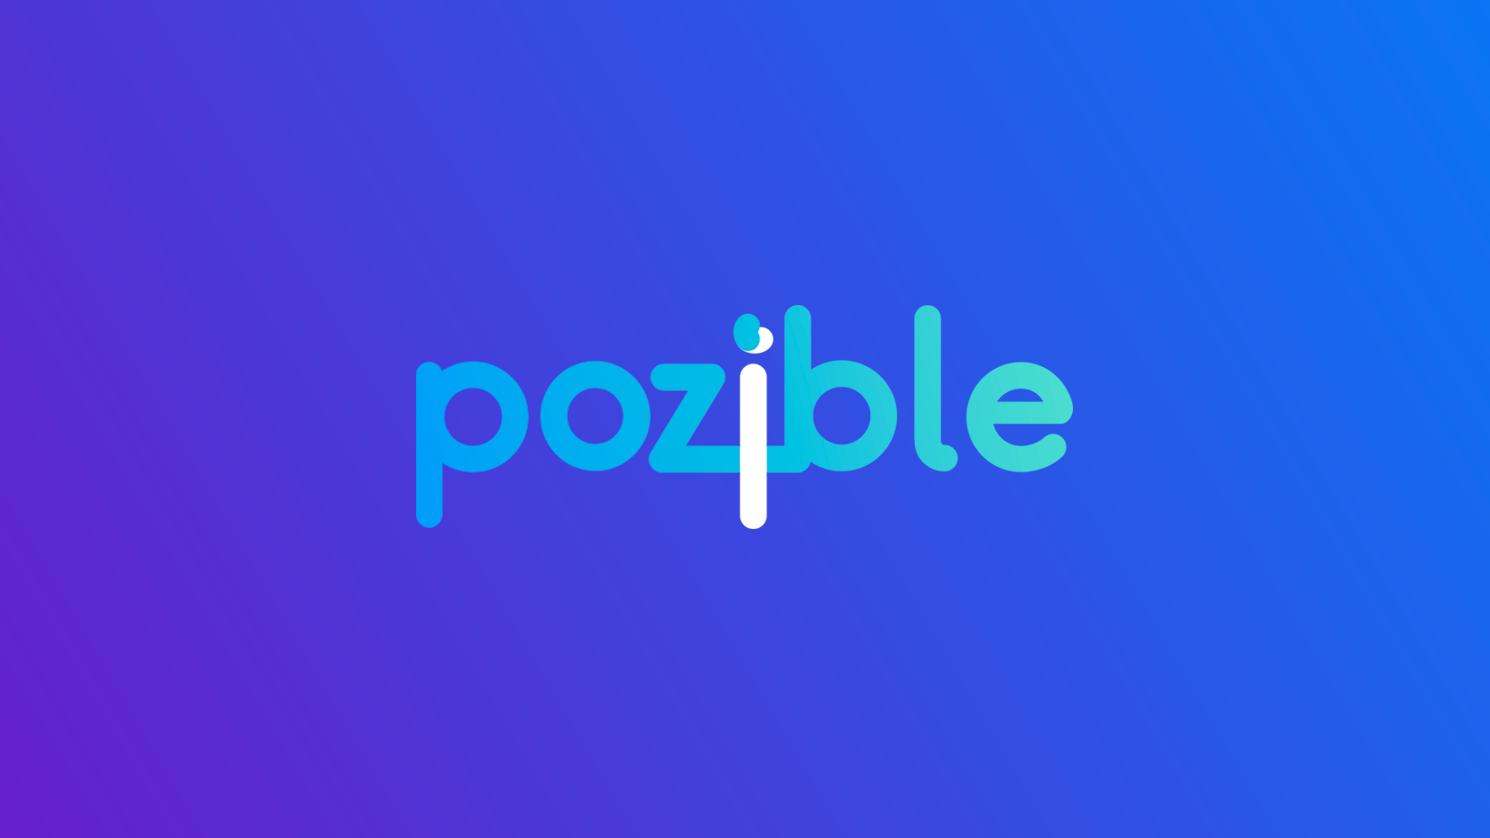 Pozible